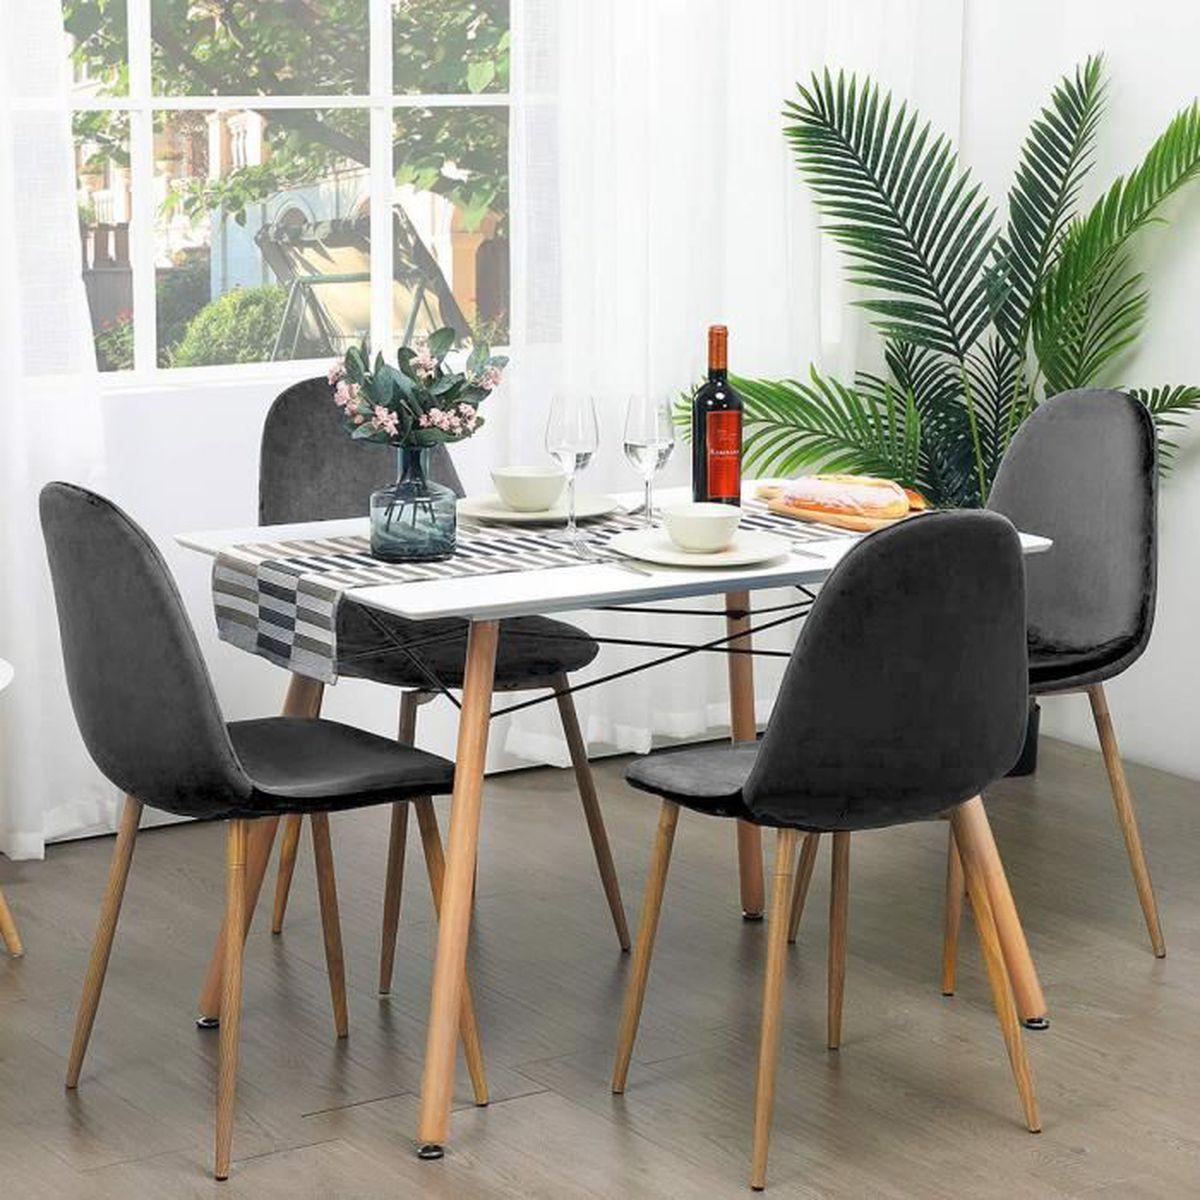 Besta Salle A Manger jeobest® lot de 4 chaises de salle à manger - velours gris anthracite -  scandinave - l 43 x p 55 cm